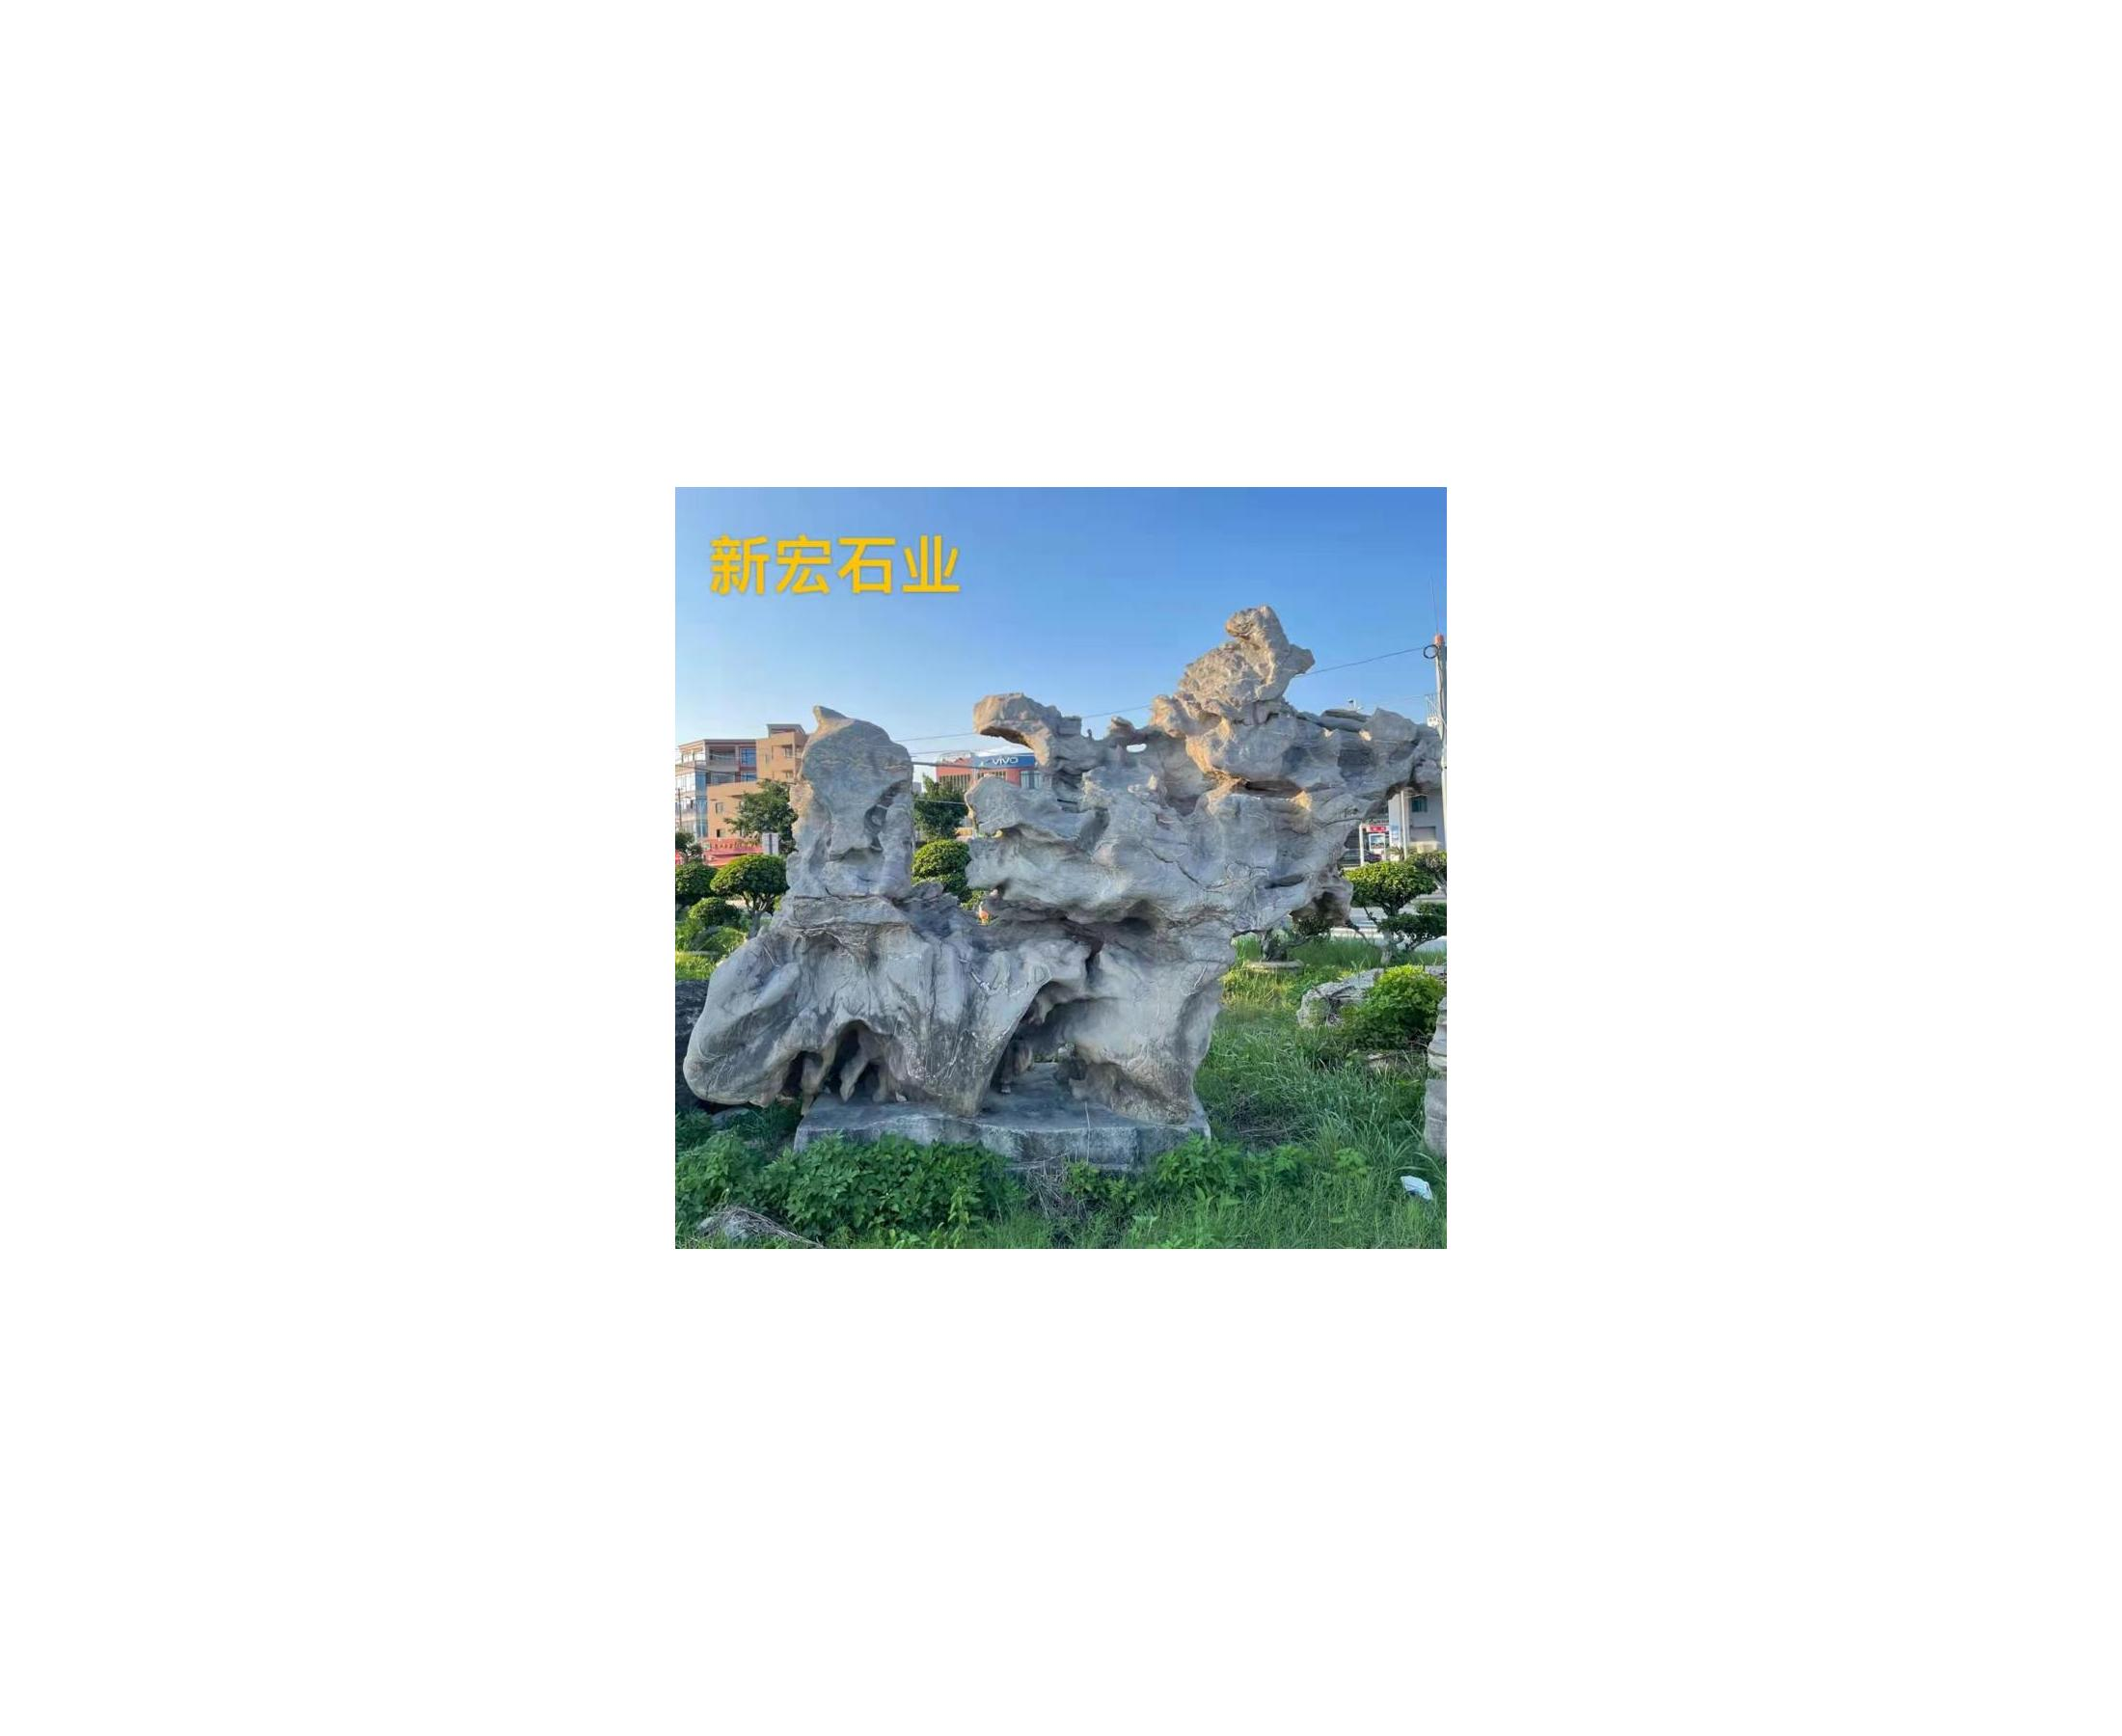 厂家供应园林太湖石 园艺景观 花园太湖石 天然景观太湖石场